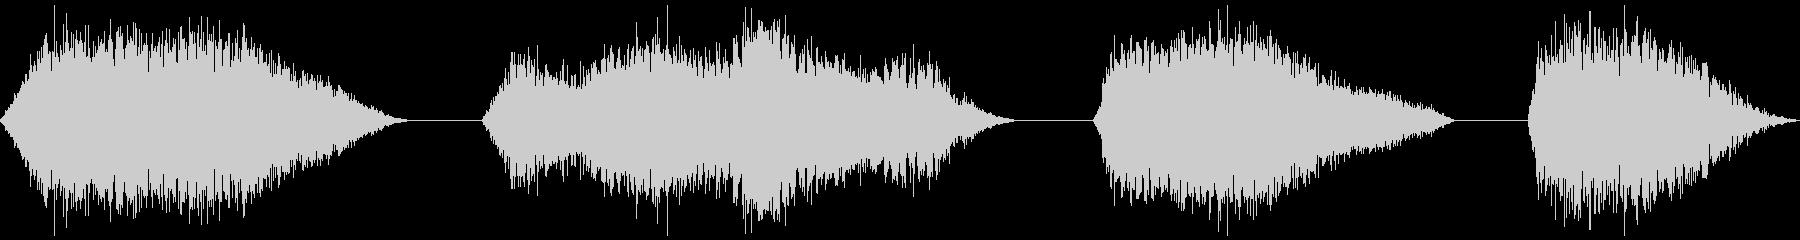 スペーススフィア、4バージョン、振...の未再生の波形